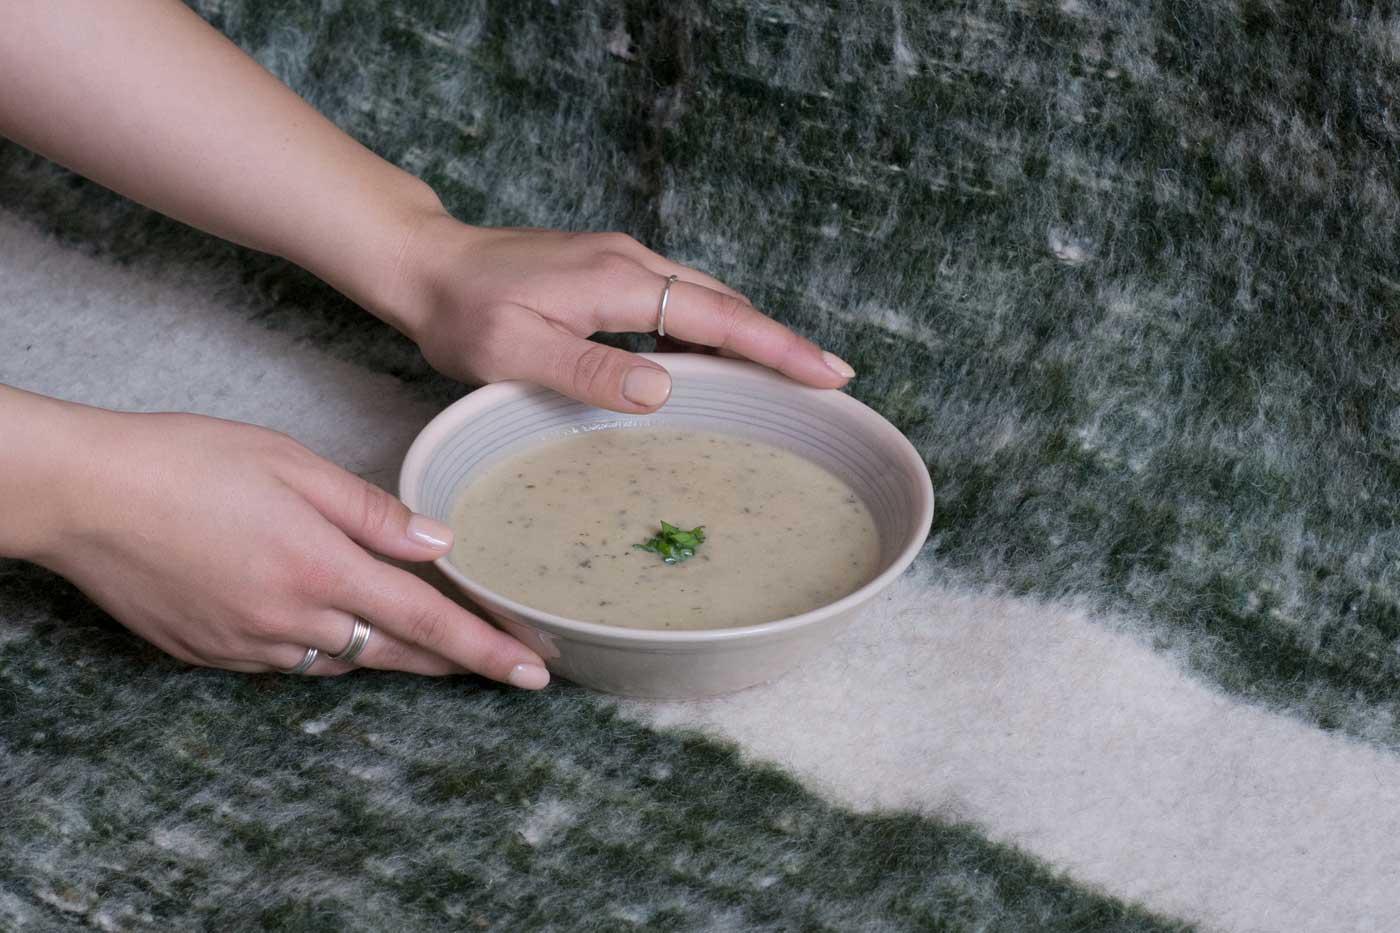 Zupa opieńkowa z Podlasia to potrawa regionalna